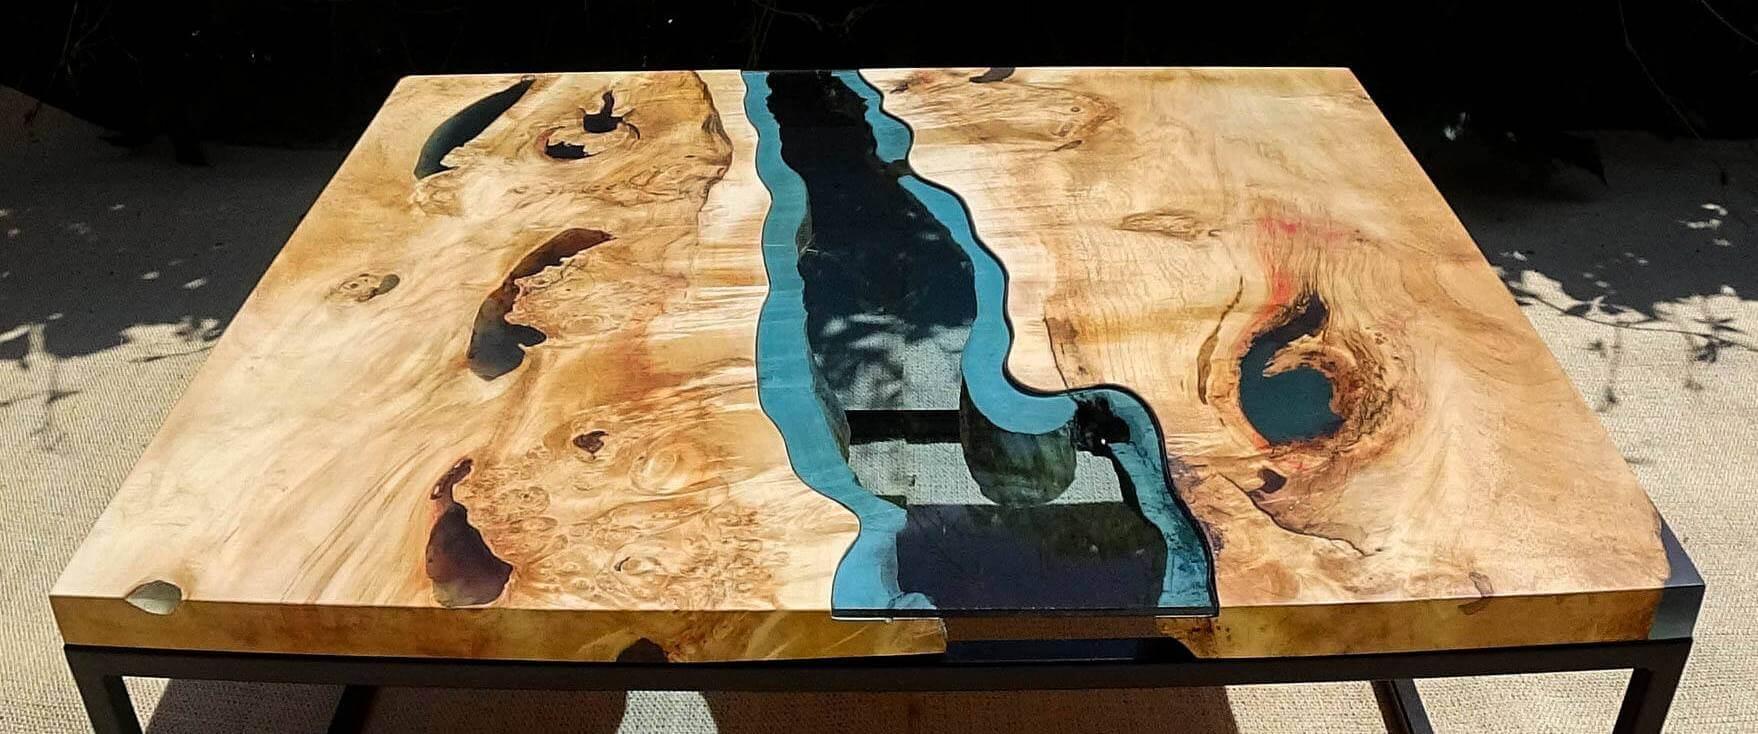 Круглый стол река со стеклом или эпоксидной смолой